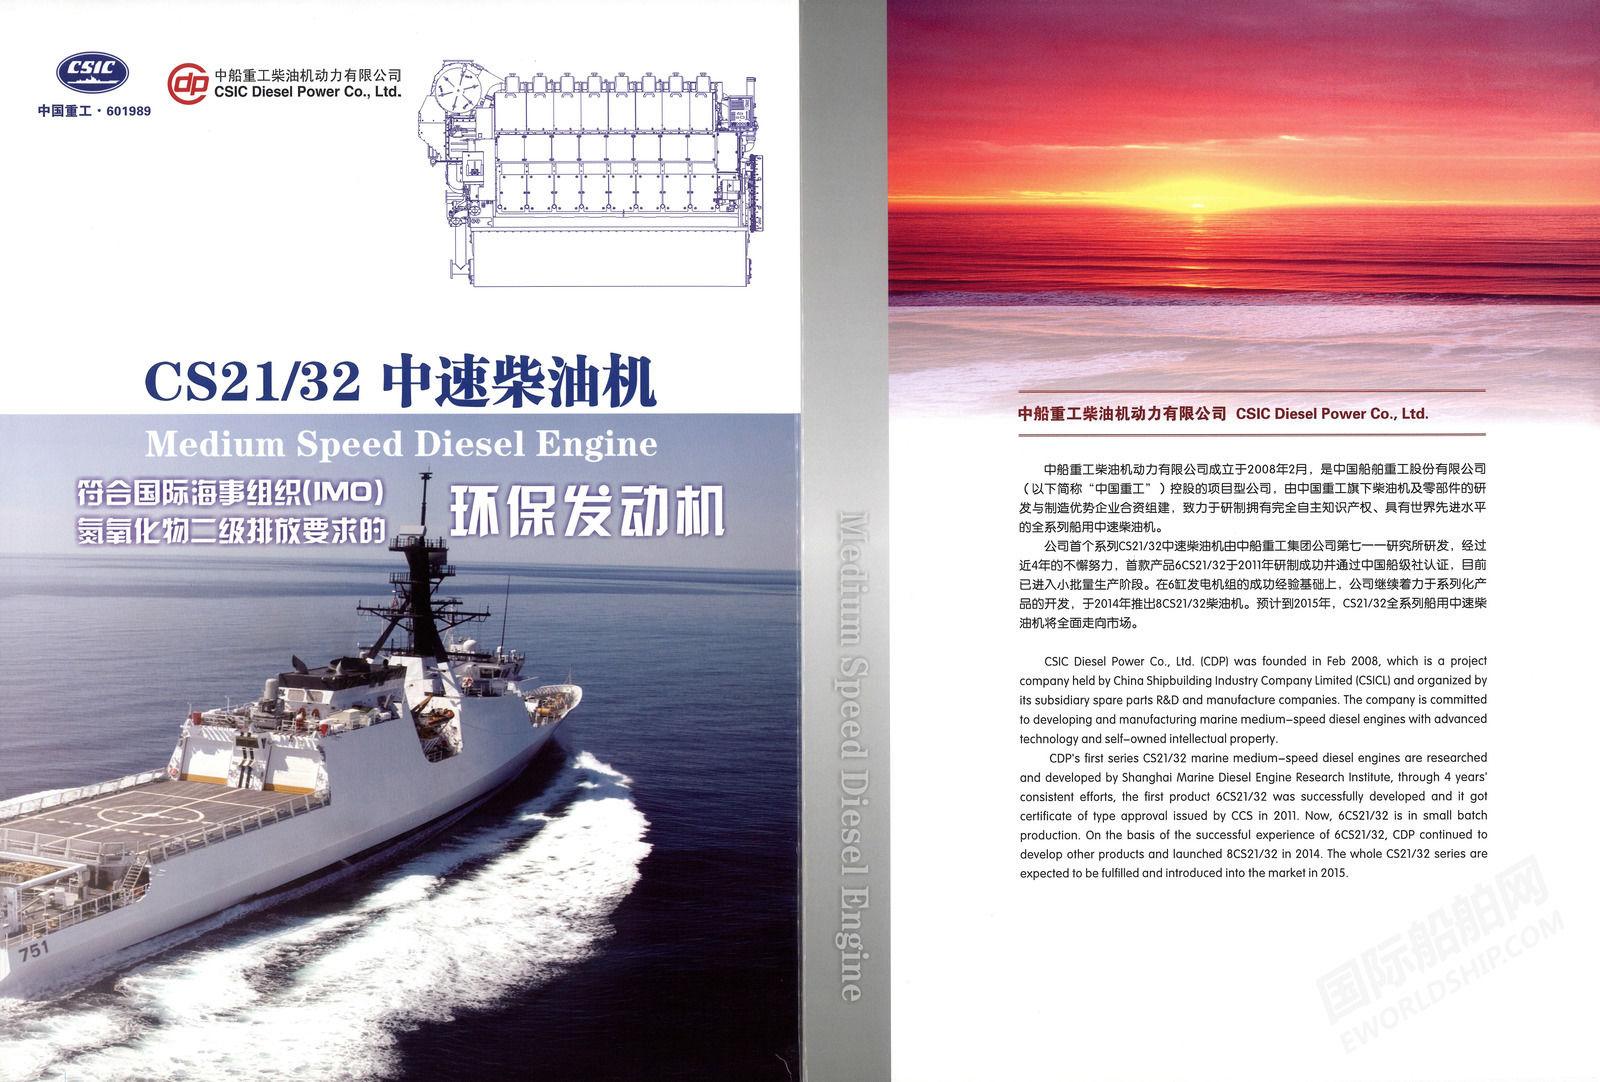 中船重工柴油机动力有限公司 CS21/32中速柴油机